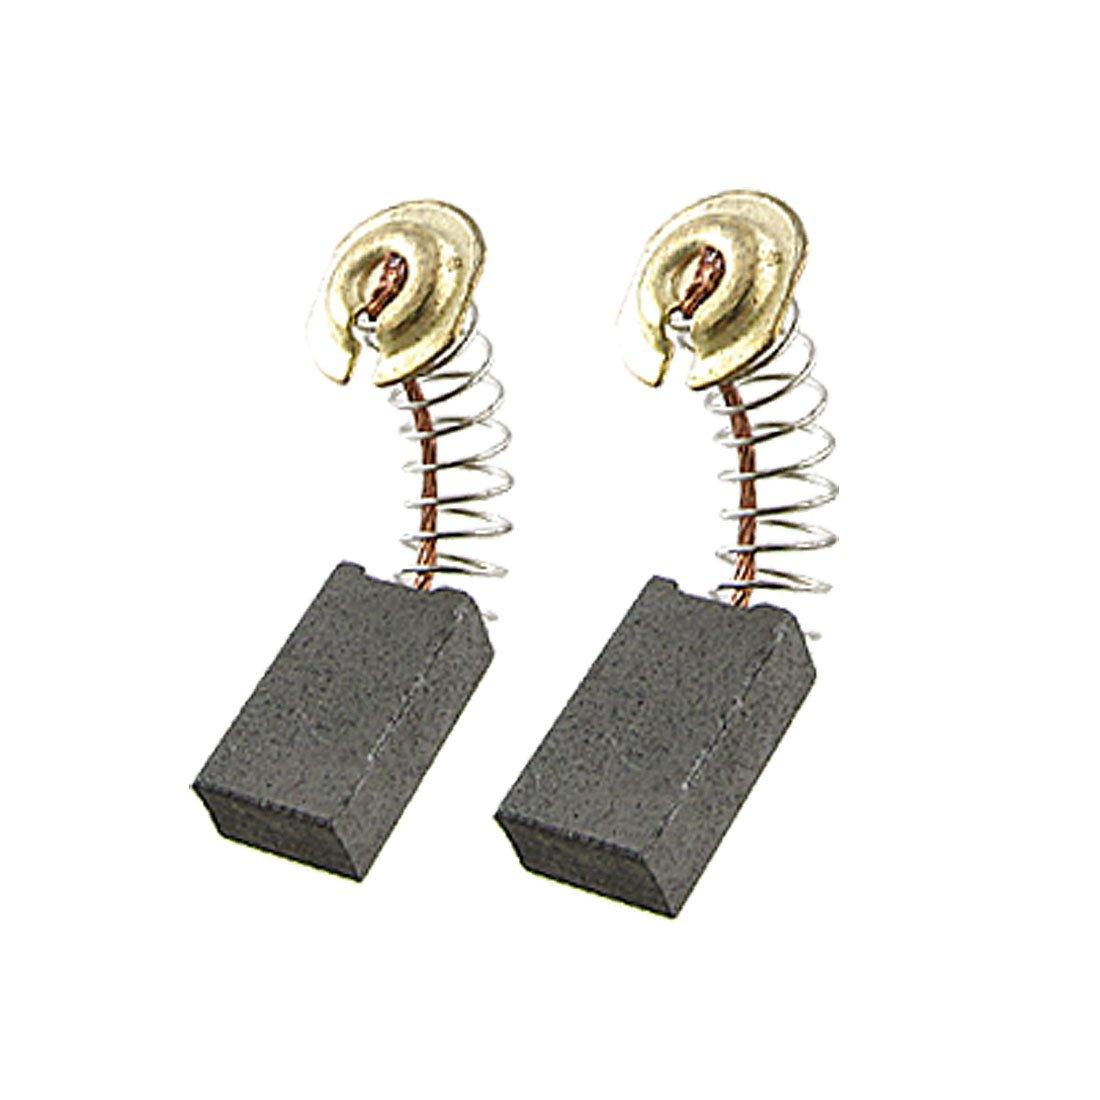 8/Pcs 47//64/x 27//64 x 17//64/Motor el/éctrico Escobilla de carb/ón de partes